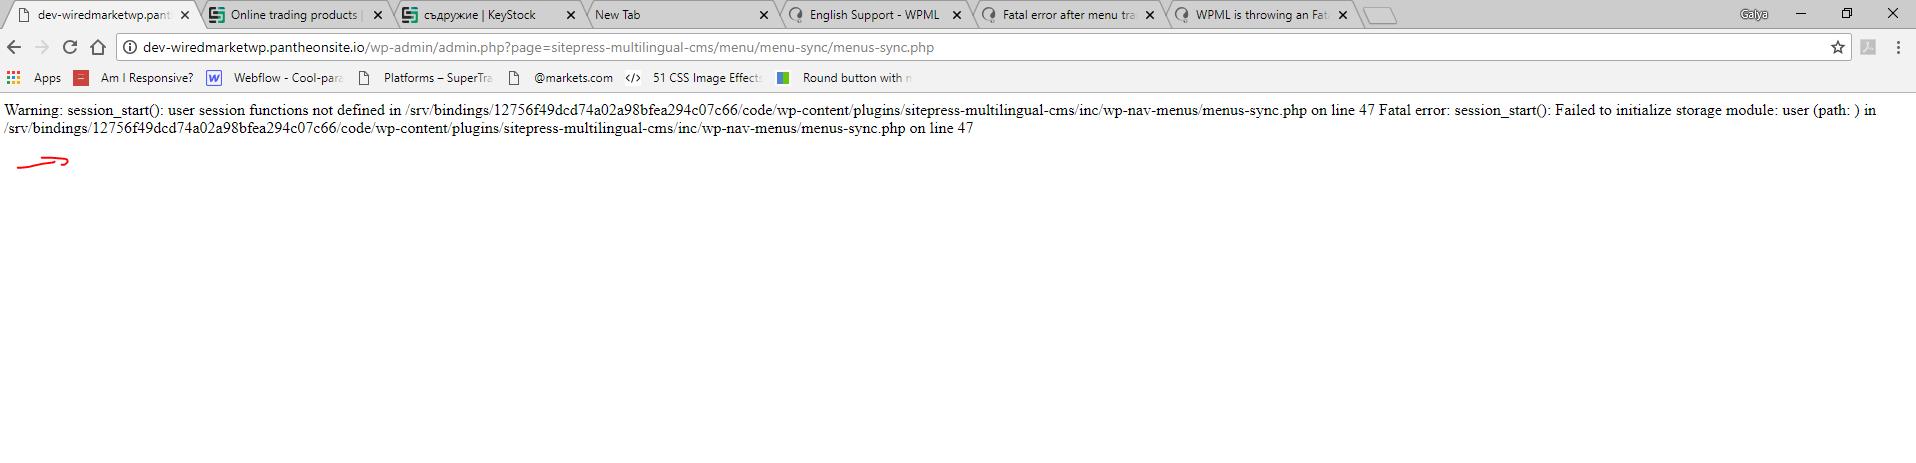 wpml error.jpg